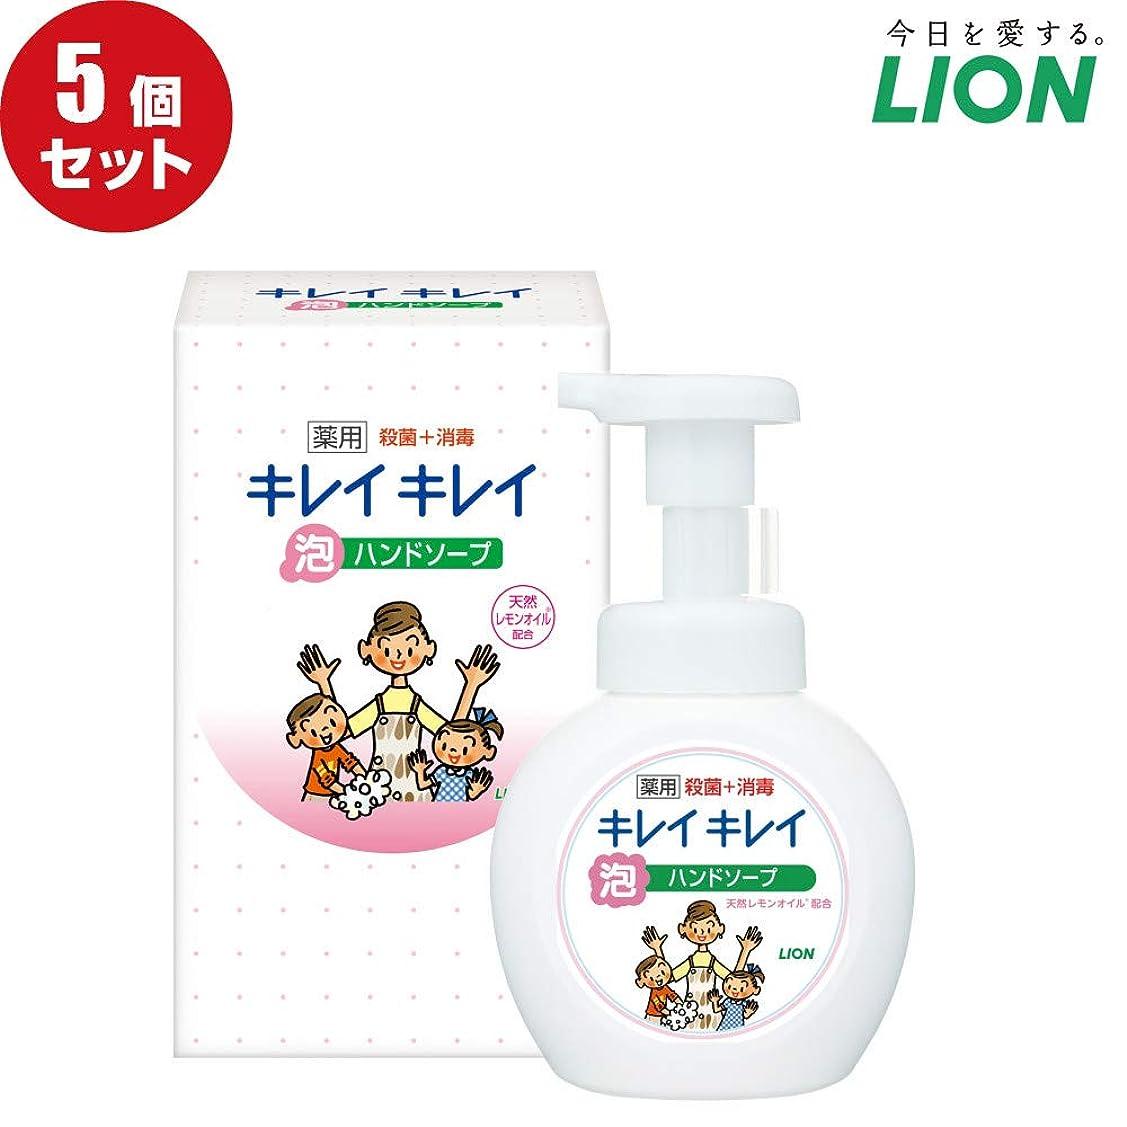 迅速空ゼロ【5個セット】LION キレイキレイ薬用泡ハンドソープ250ml ノベルティギフト用化粧箱入